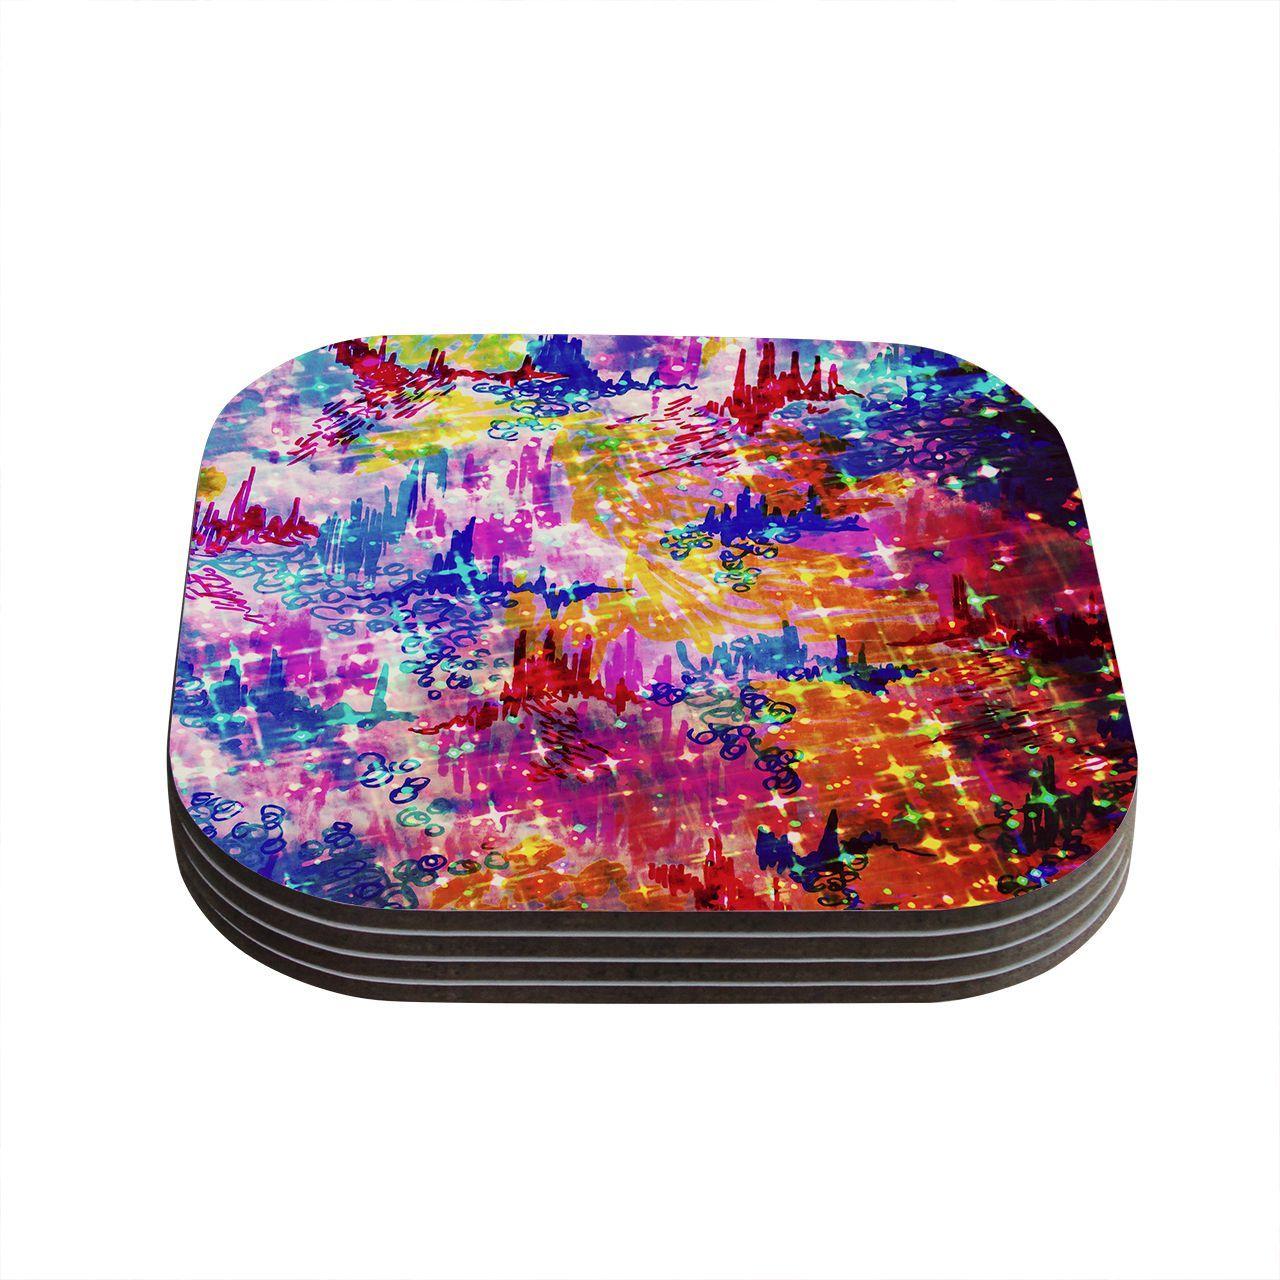 Kess InHouse Ebi Emporium 'Sky Risers' Glam Coasters